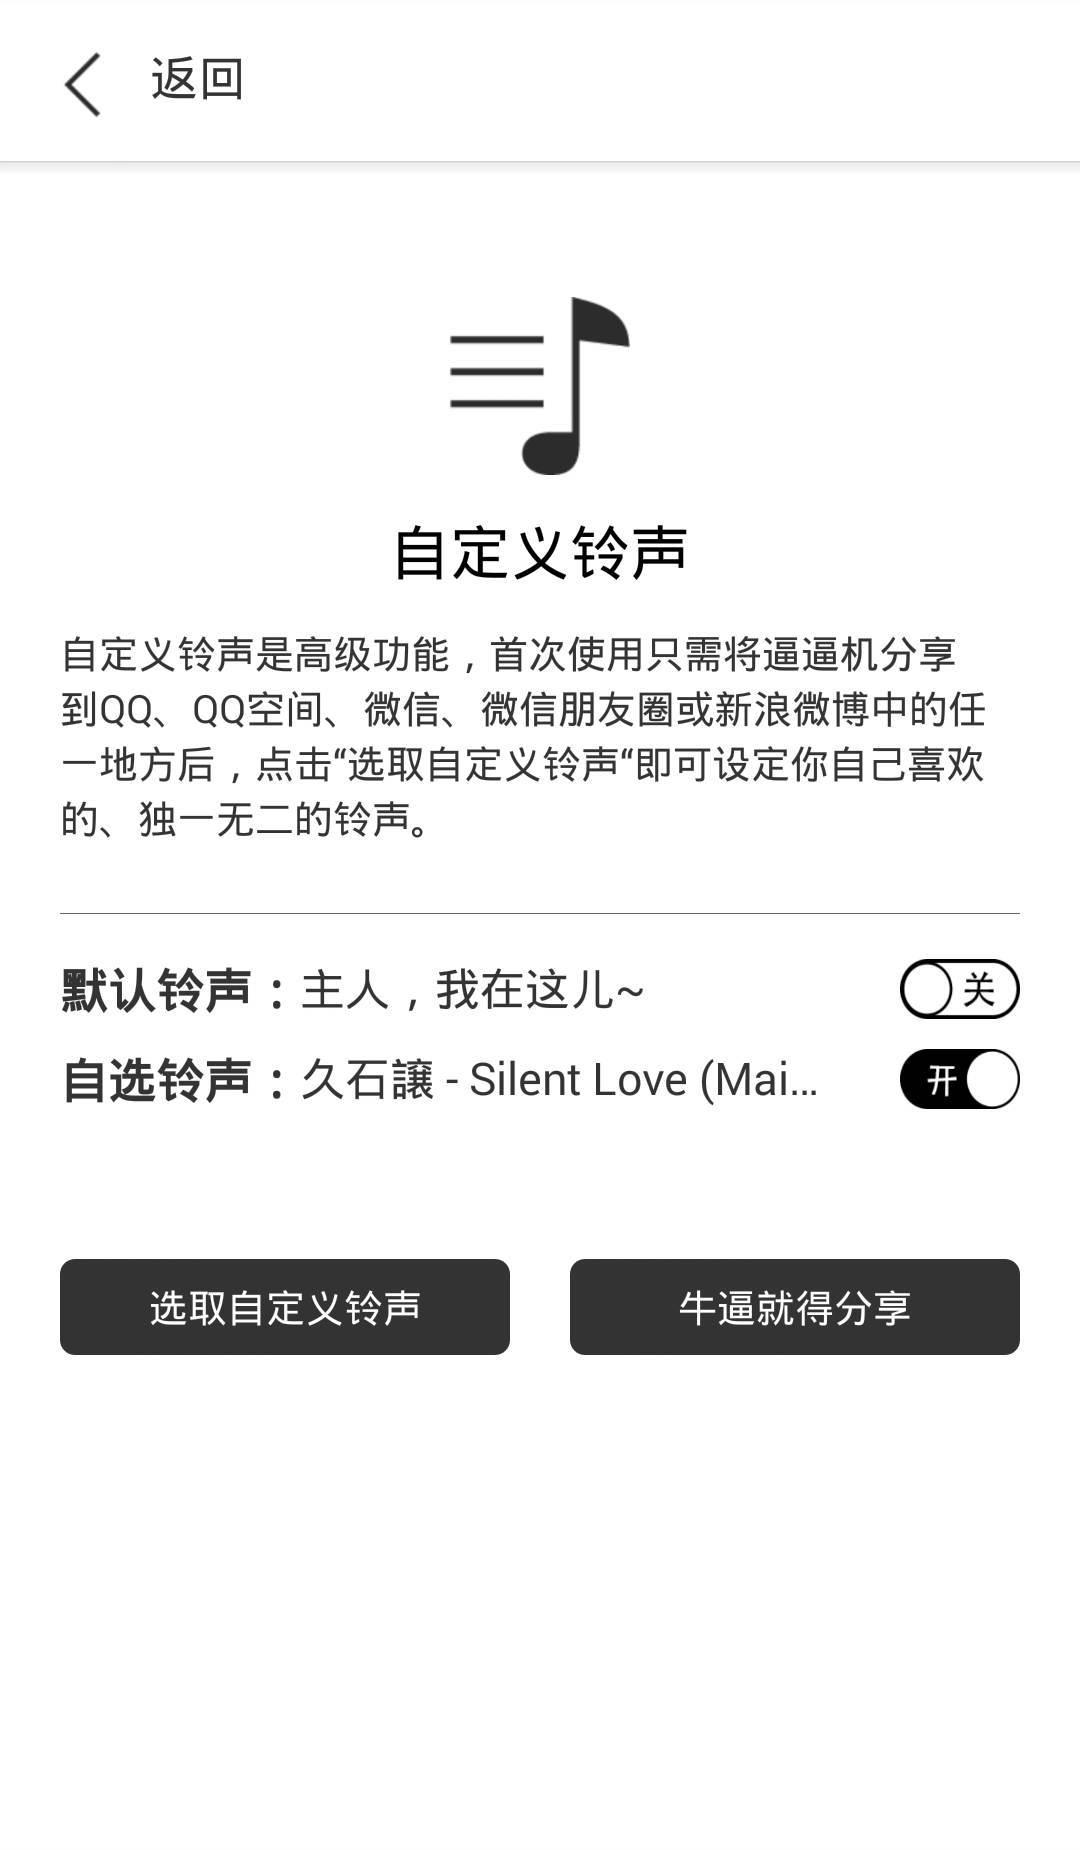 逗逼机官网app下载找手机神器图5: